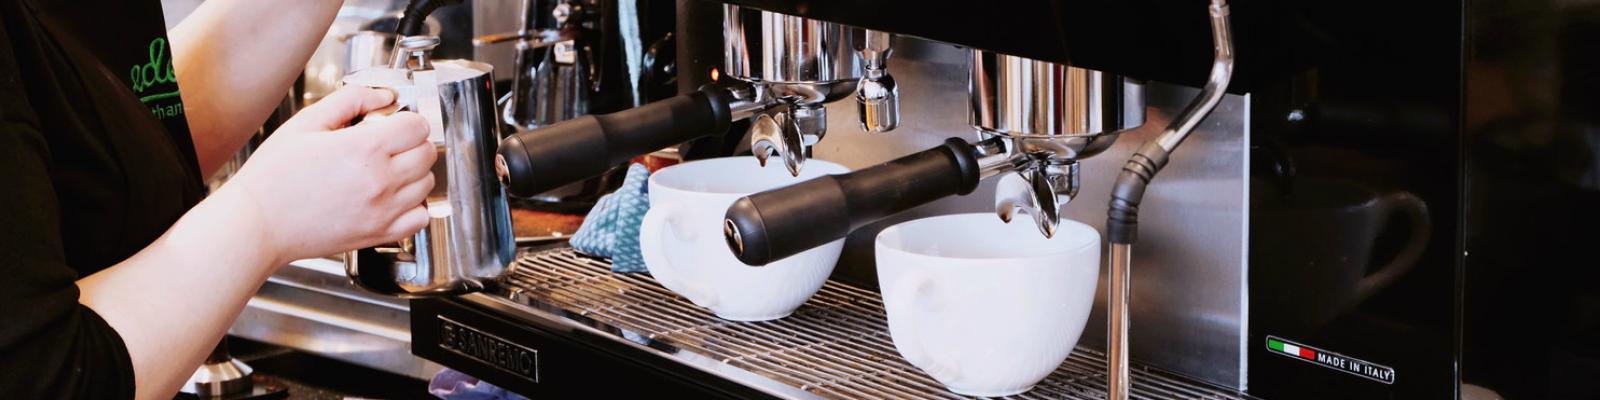 Future of Work, barrista zet koffie